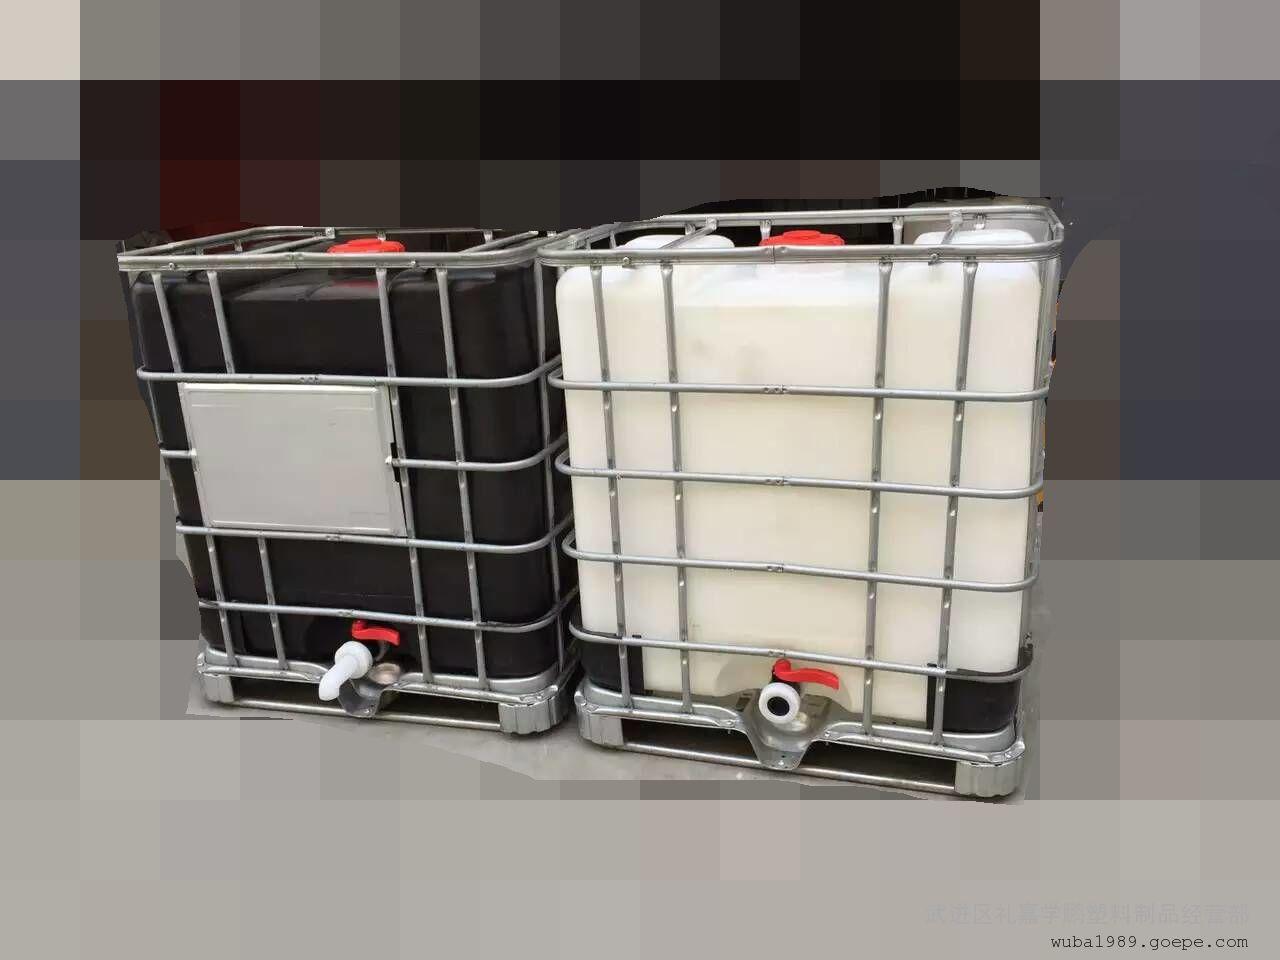 学鹏供应500L防腐抗渗PE吨桶塑料桶厂家直销采用国际先进的滚塑工艺,国外进口pe聚乙烯原材料磨粉后滚塑而成,具有一次成型无接缝,牢固耐用,耐酸碱等各种腐蚀。如果客户需要还可以定制有色材质产品,可以防光线光照等对所储存的物品产生的腐蚀与作用。 关于产品优点: 1、学鹏吨桶可以多次重复使用,在灌装、储运时体现出来的优势能明显地降低成本。与圆桶相比,pe吨桶可以节约40%左右的储存空间。静态空桶可以堆高四层,并以任何常规方式运输。 2、学鹏吨桶的内胆采用pe聚乙烯材料滚塑而成,并安装金属托盘和保护套,放置稳